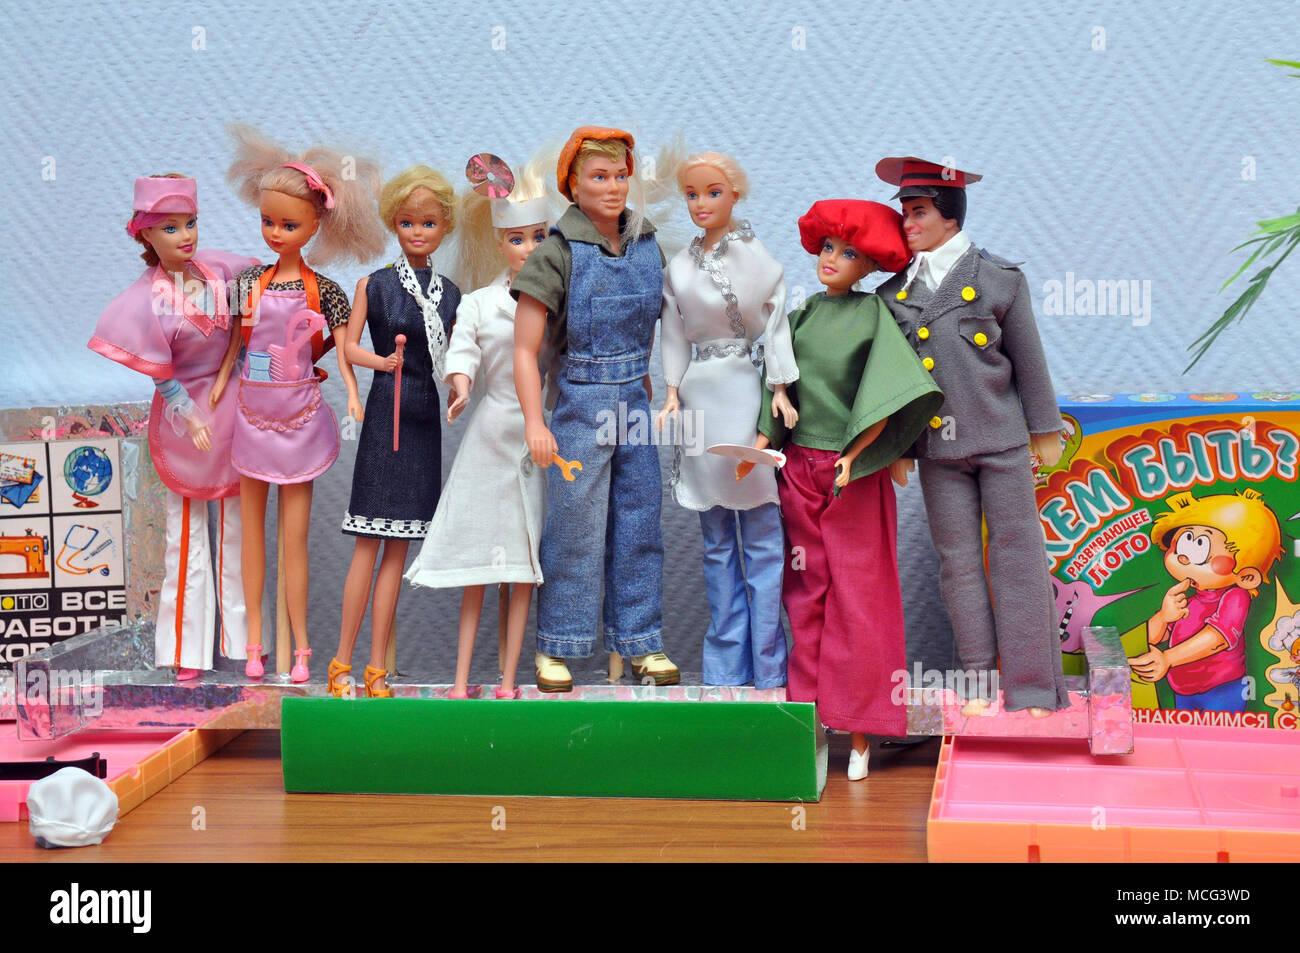 Playmobil Figures Stock Photos Amp Playmobil Figures Stock